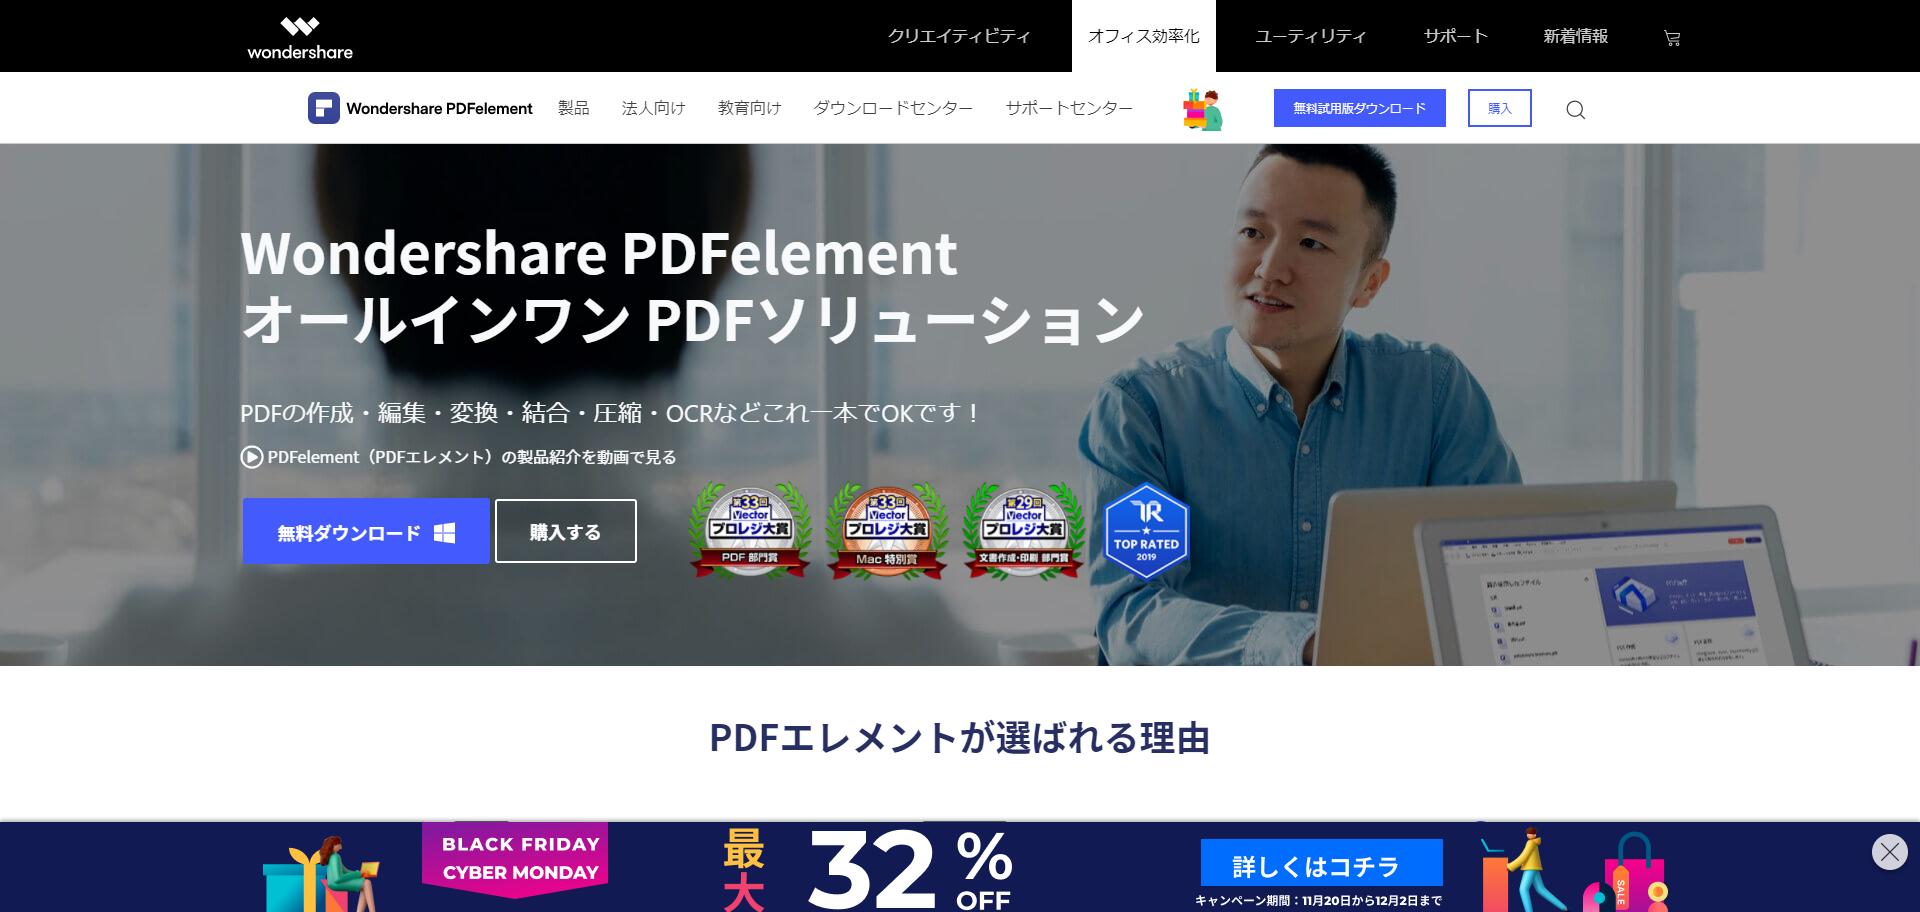 PDFelementを使う